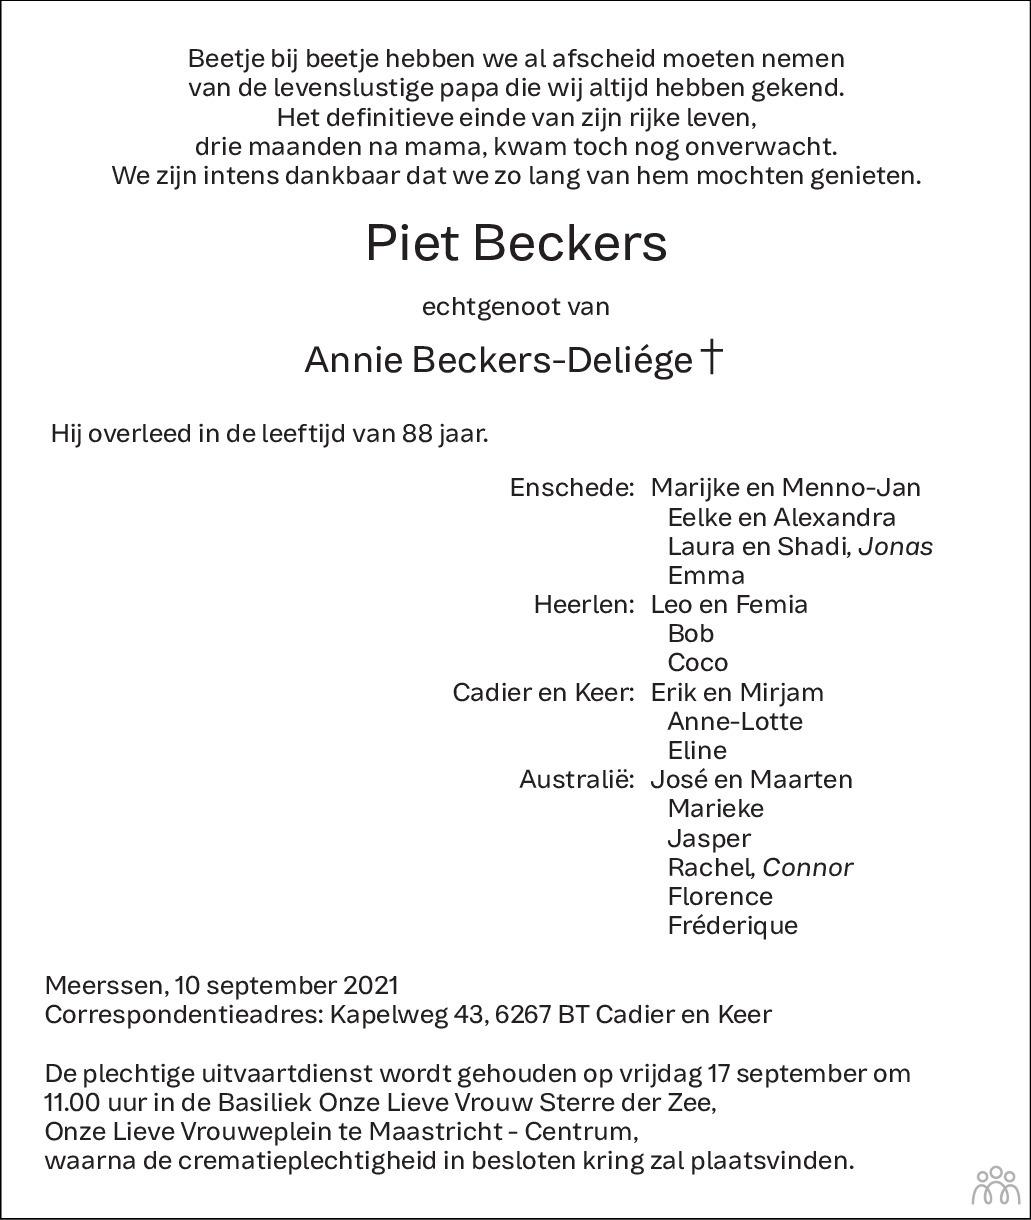 Overlijdensbericht van Piet Beckers in De Limburger